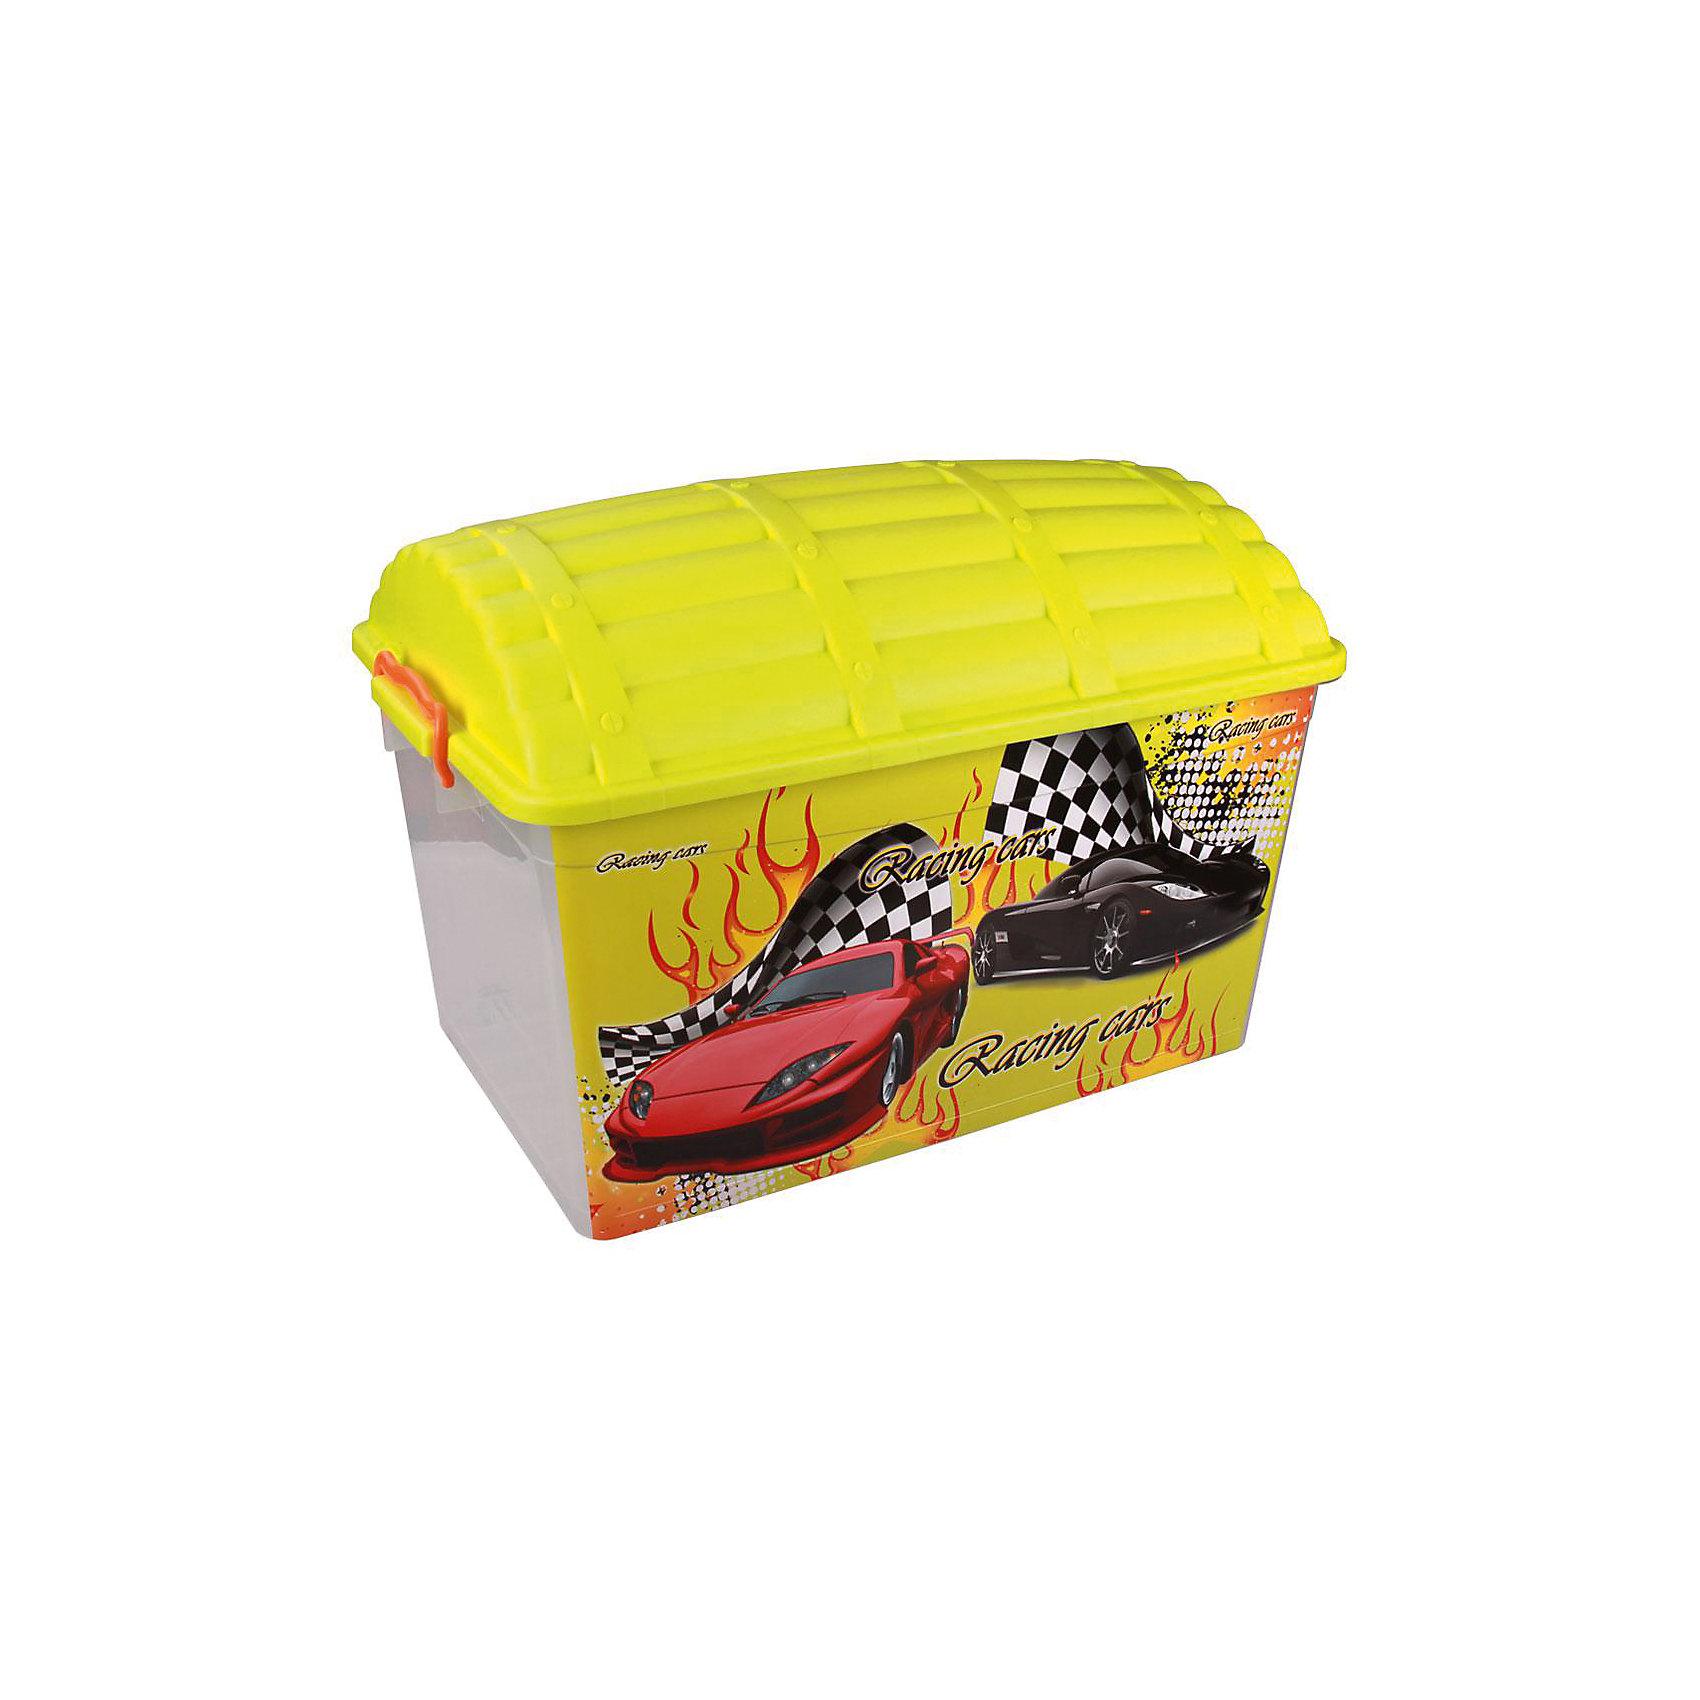 Контейнер Сундук (формула-2) 50л., AlternativaХарактеристики:<br><br>• Предназначение: для хранения игрушек<br>• Материал: пластик<br>• Цвет: желтый, красный, черный, серый<br>• Размер (Д*Ш*В): 62*40,5*44 см<br>• Вместимость (объем): 50 л<br>• Форма: прямоугольный<br>• Наличие крышки с замками-клипсами<br>• Особенности ухода: разрешается мыть теплой водой<br><br>Контейнер Сундук (формула-2) 50 л., Alternativa изготовлен отечественным производителем ООО ЗПИ Альтернатива, который специализируется на выпуске широкого спектра изделий из пластика. <br>Контейнер в форме сундука выполнен из экологически безопасного пластика, устойчивого к механическим повреждениям, корпус оформлен ярким рисунком, в комплекте имеется крышка яркого желтого цвета. Изделие позволит обеспечить не только порядок в комнате ребенка, но и станет ярким предметом интерьера. Контейнер Сундук (формула-2) 50 л., Alternativa вместительный, но при этом обладает легким весом.<br><br>Контейнер Сундук (формула-2) 50 л., Alternativa можно купить в нашем интернет-магазине.<br><br>Ширина мм: 620<br>Глубина мм: 405<br>Высота мм: 440<br>Вес г: 1928<br>Возраст от месяцев: 6<br>Возраст до месяцев: 84<br>Пол: Мужской<br>Возраст: Детский<br>SKU: 5096573